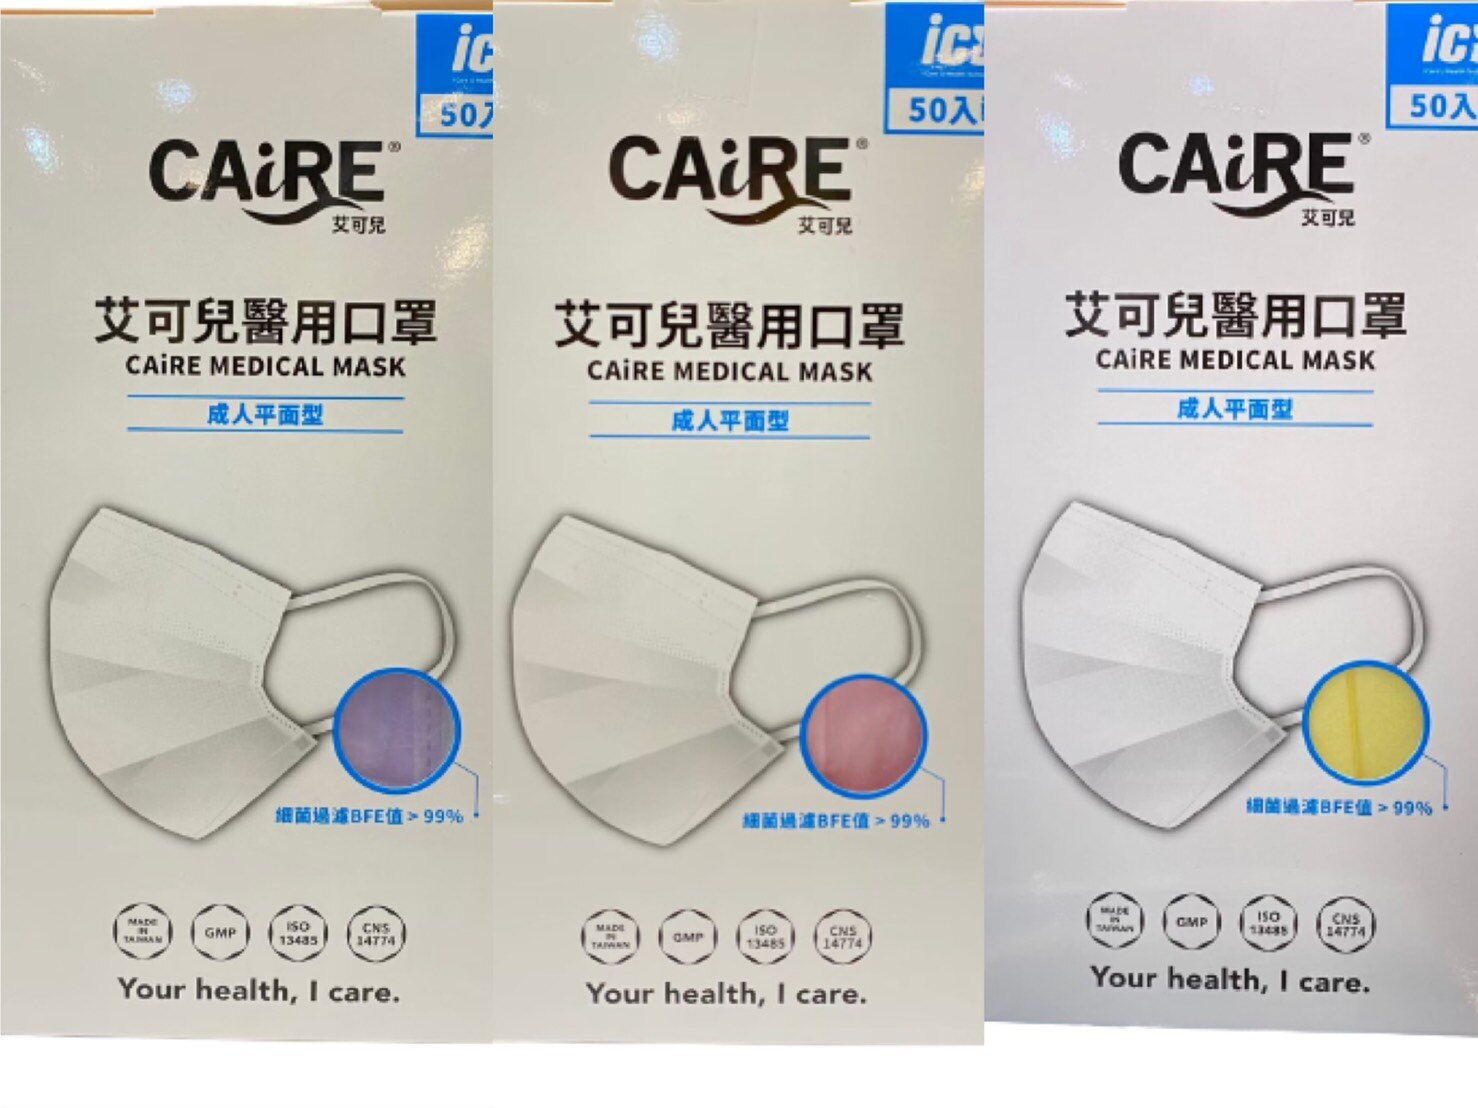 (買5送1)威欣利(艾可兒環保媽媽隨機出貨) 醫用成人平面口罩(50入) 黃,粉紅,紫色